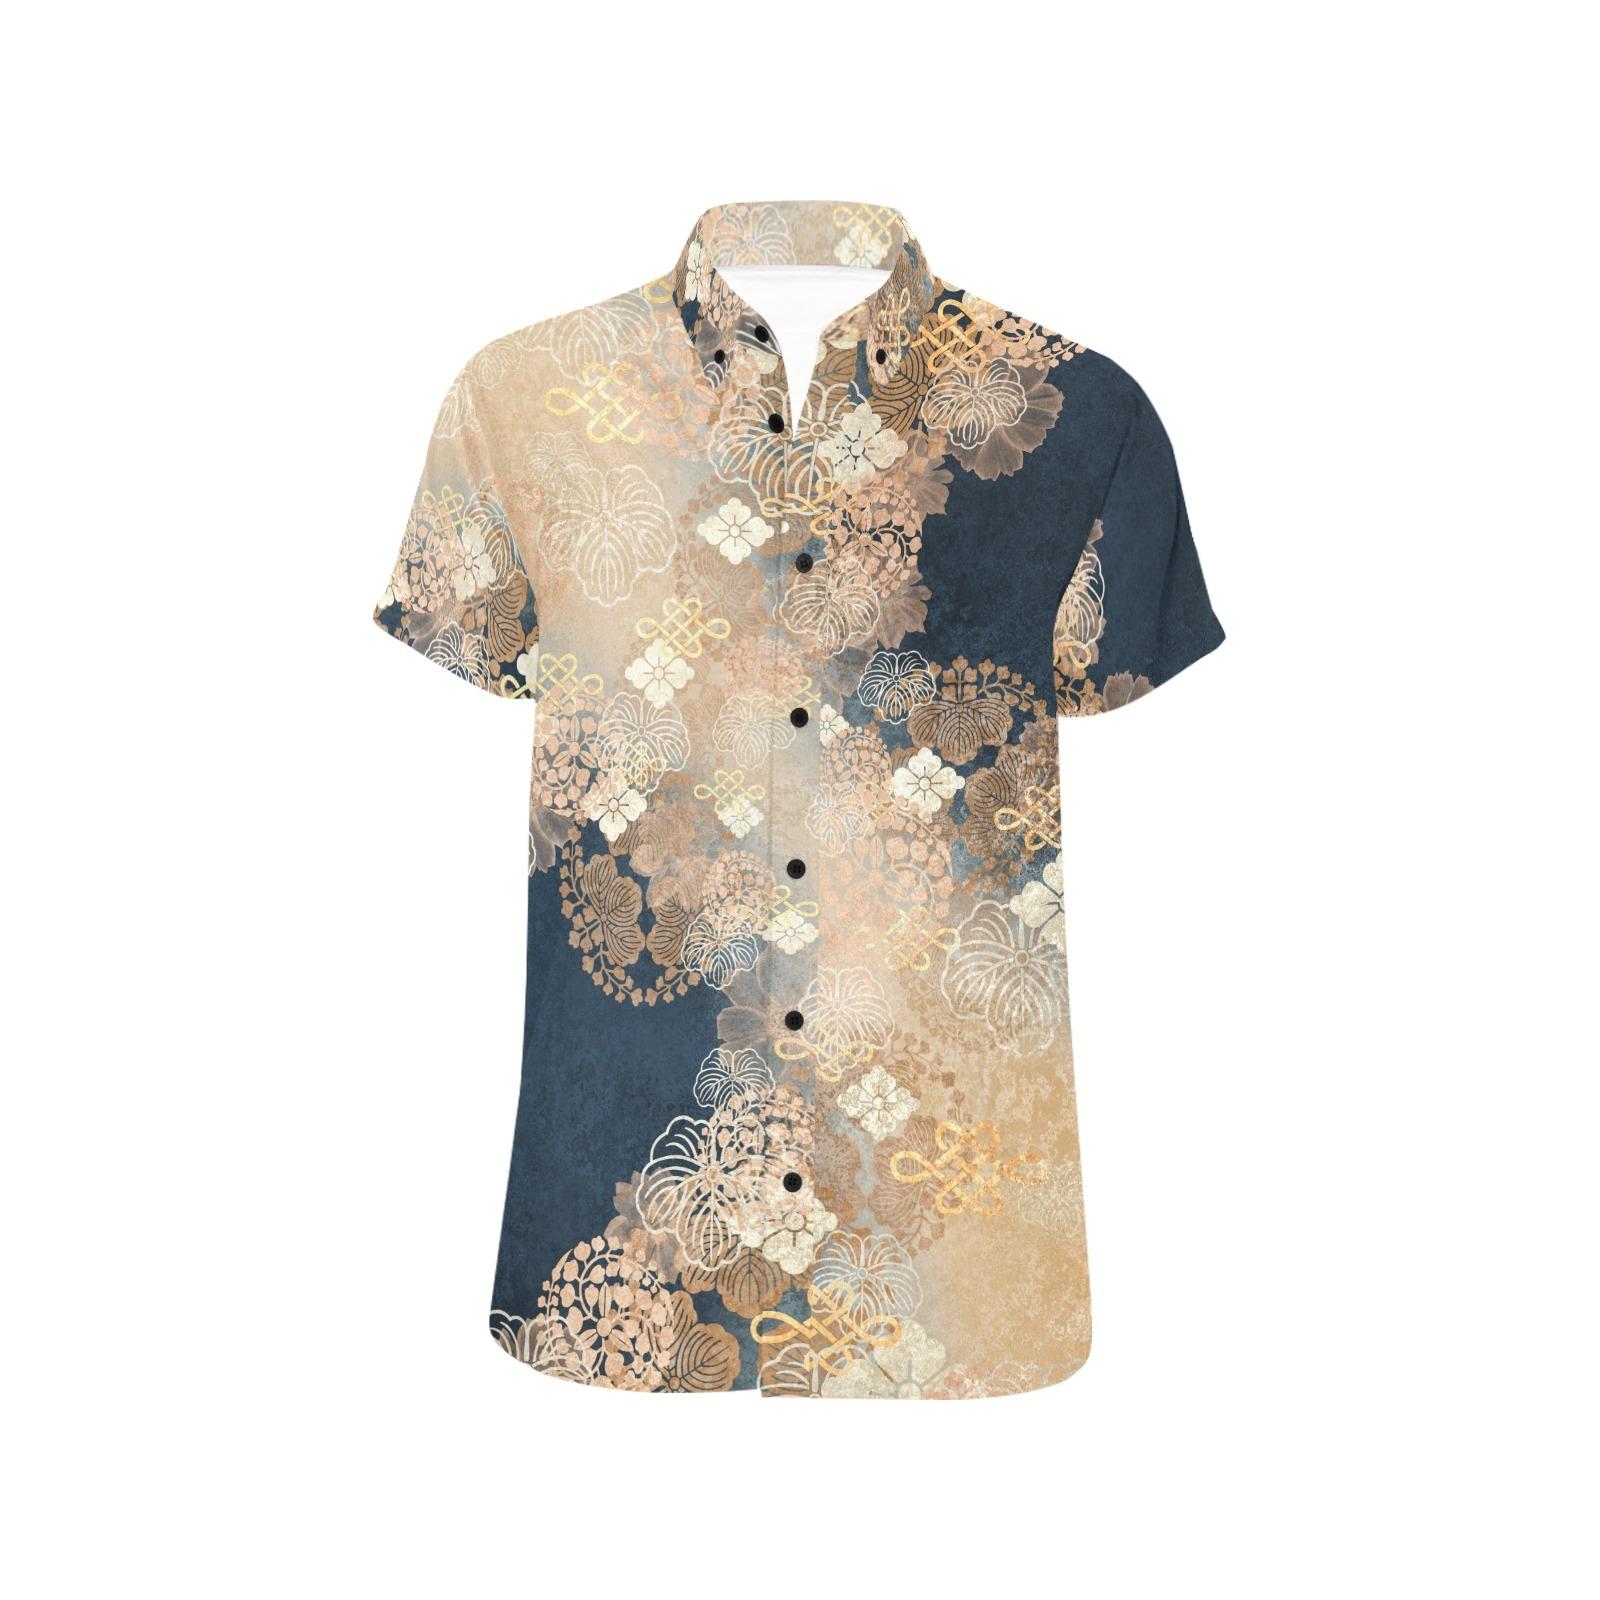 家紋装飾ブルーベージュ ユニセックス半袖シャツ